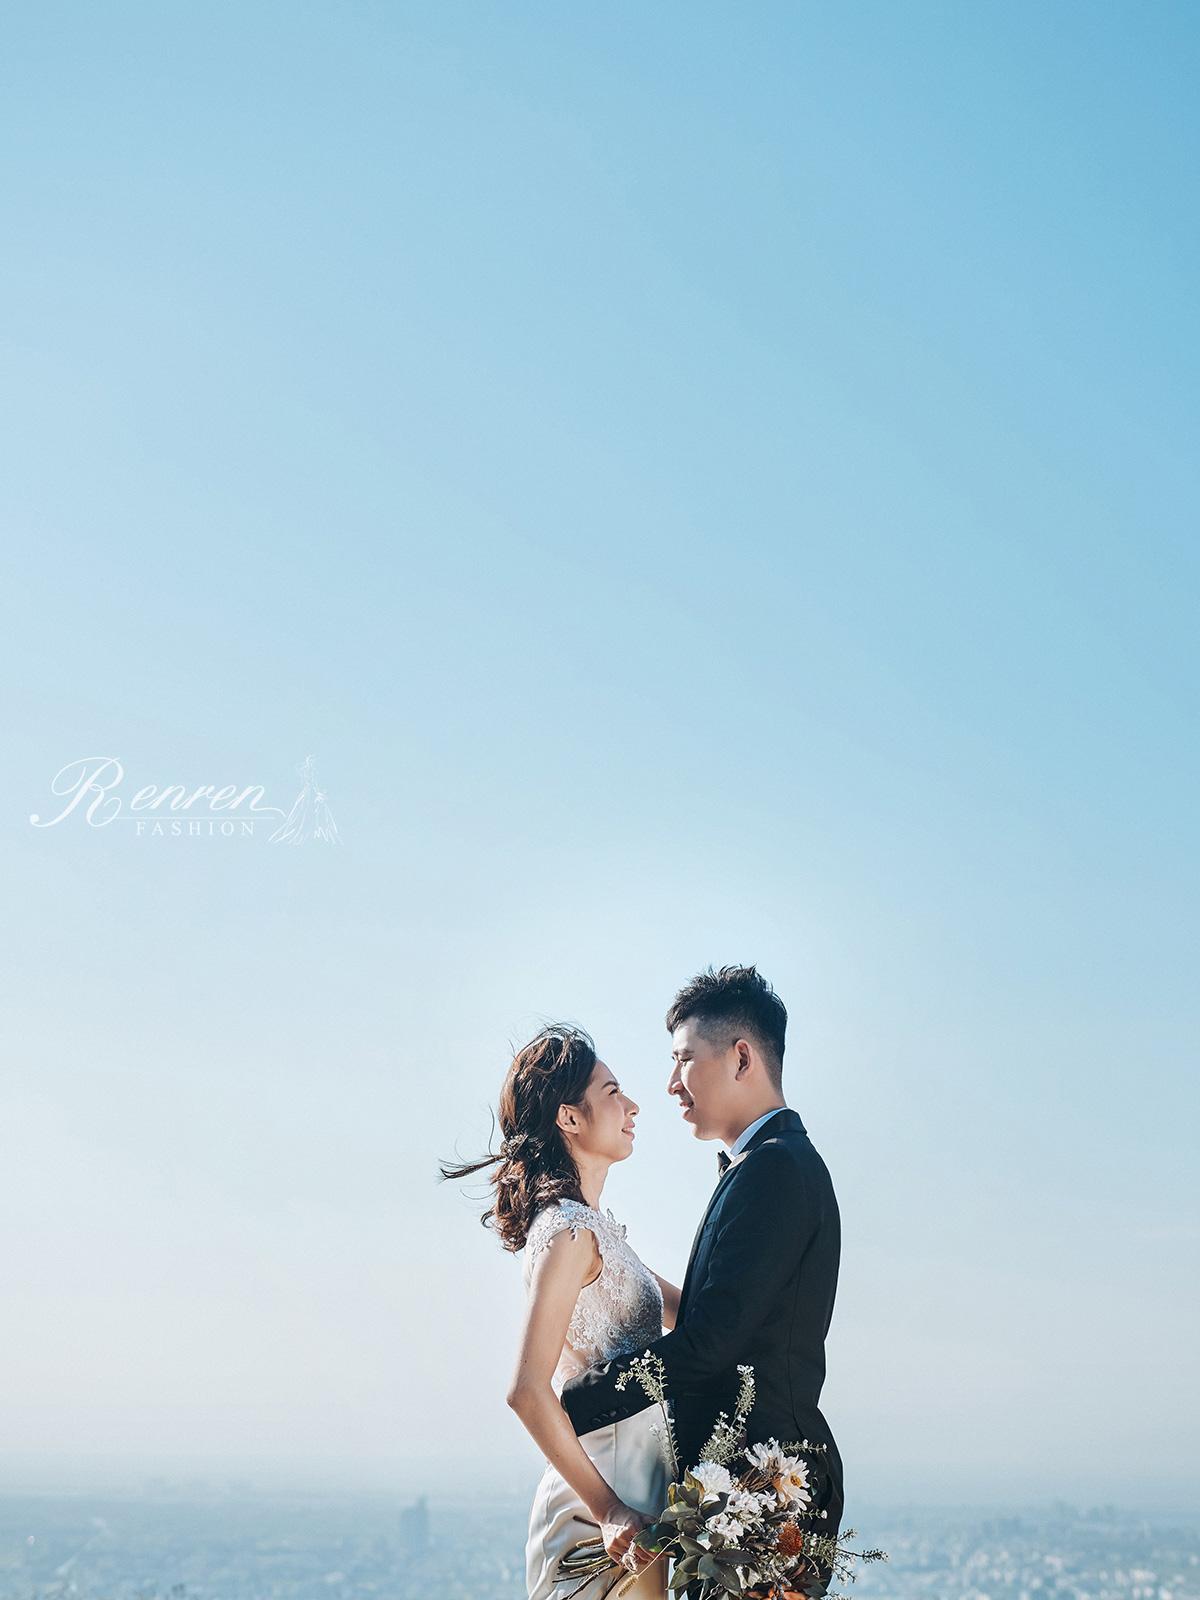 台中-婚紗-冉冉-慕朵影像-婚紗作品14